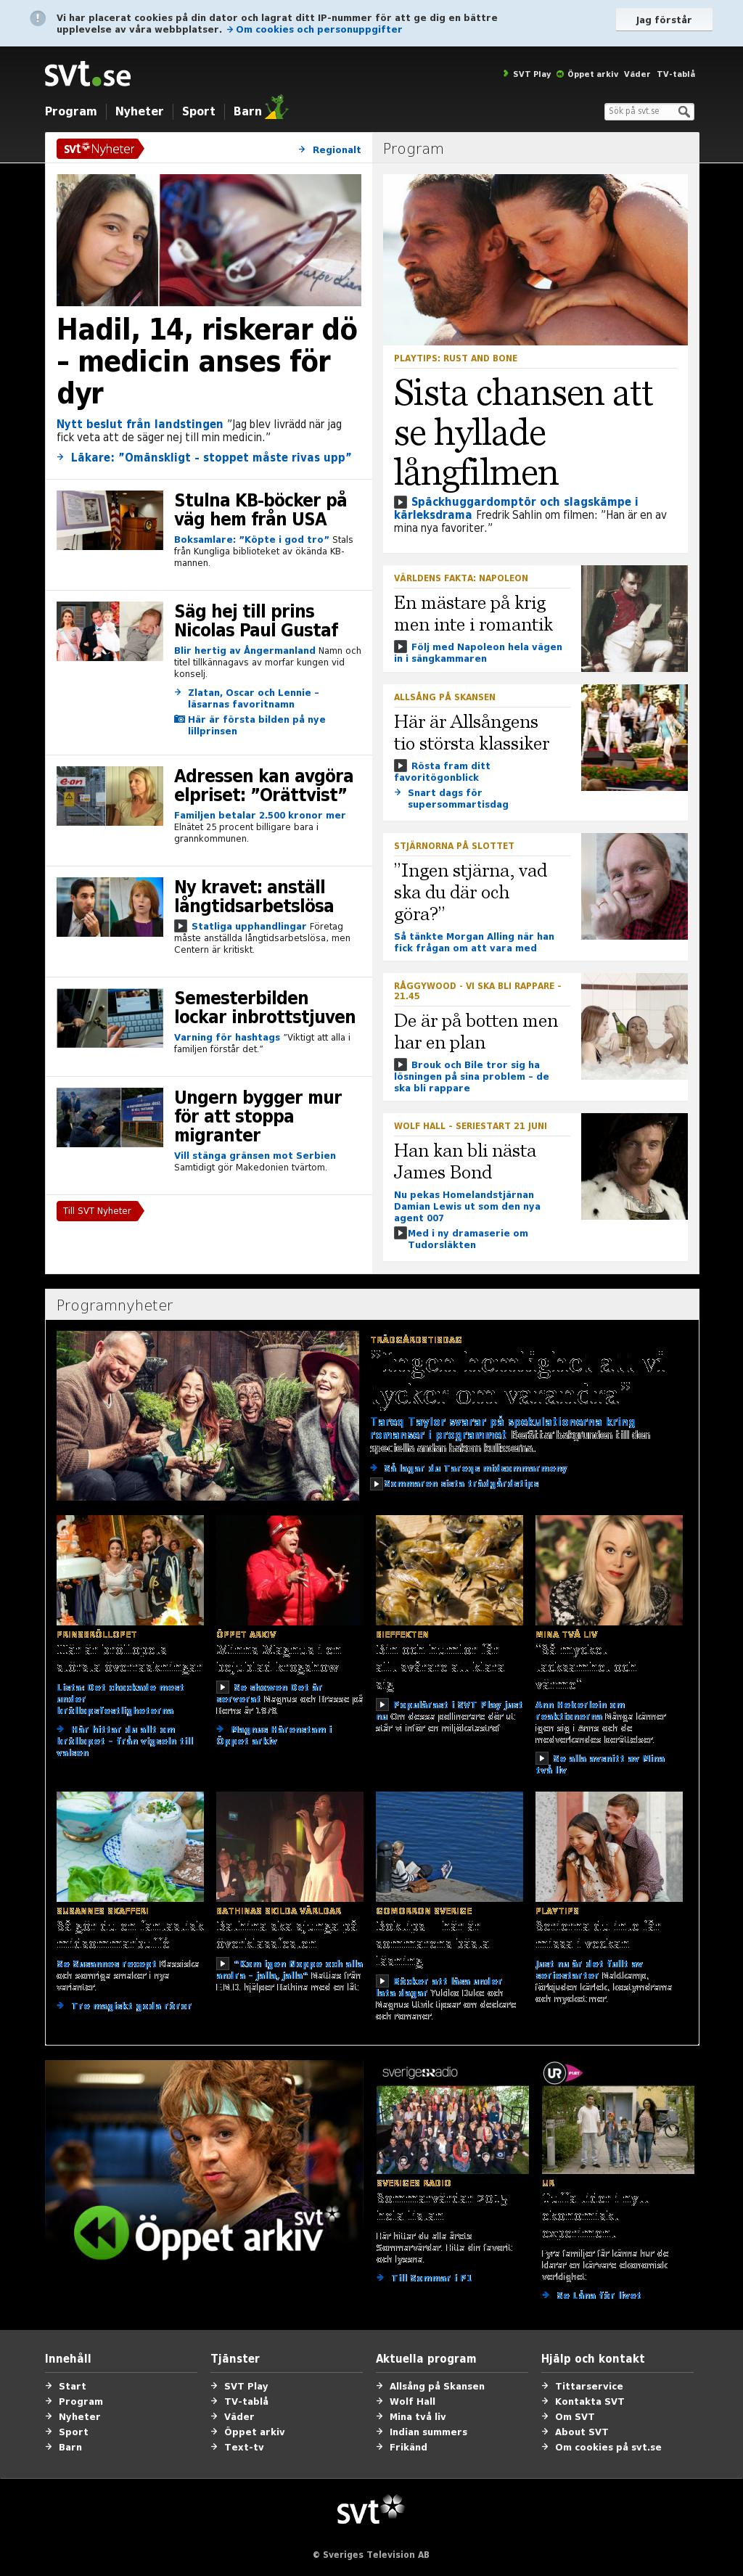 SVT at Wednesday June 17, 2015, 7:27 p.m. UTC